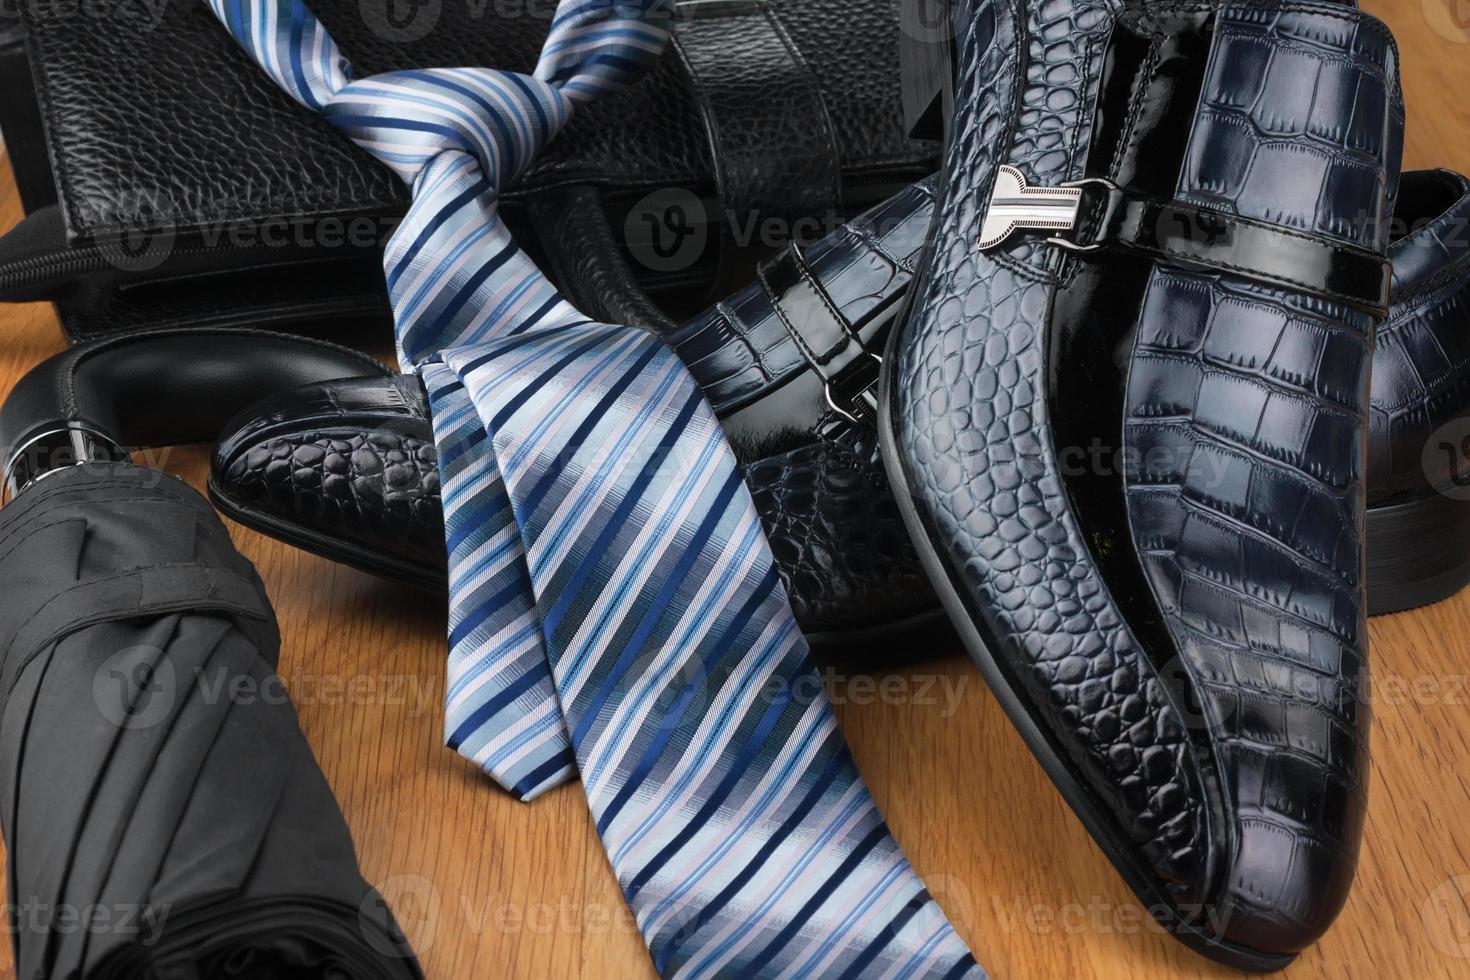 chaussures pour hommes classiques, cravate, parapluie et sac sur le bois photo